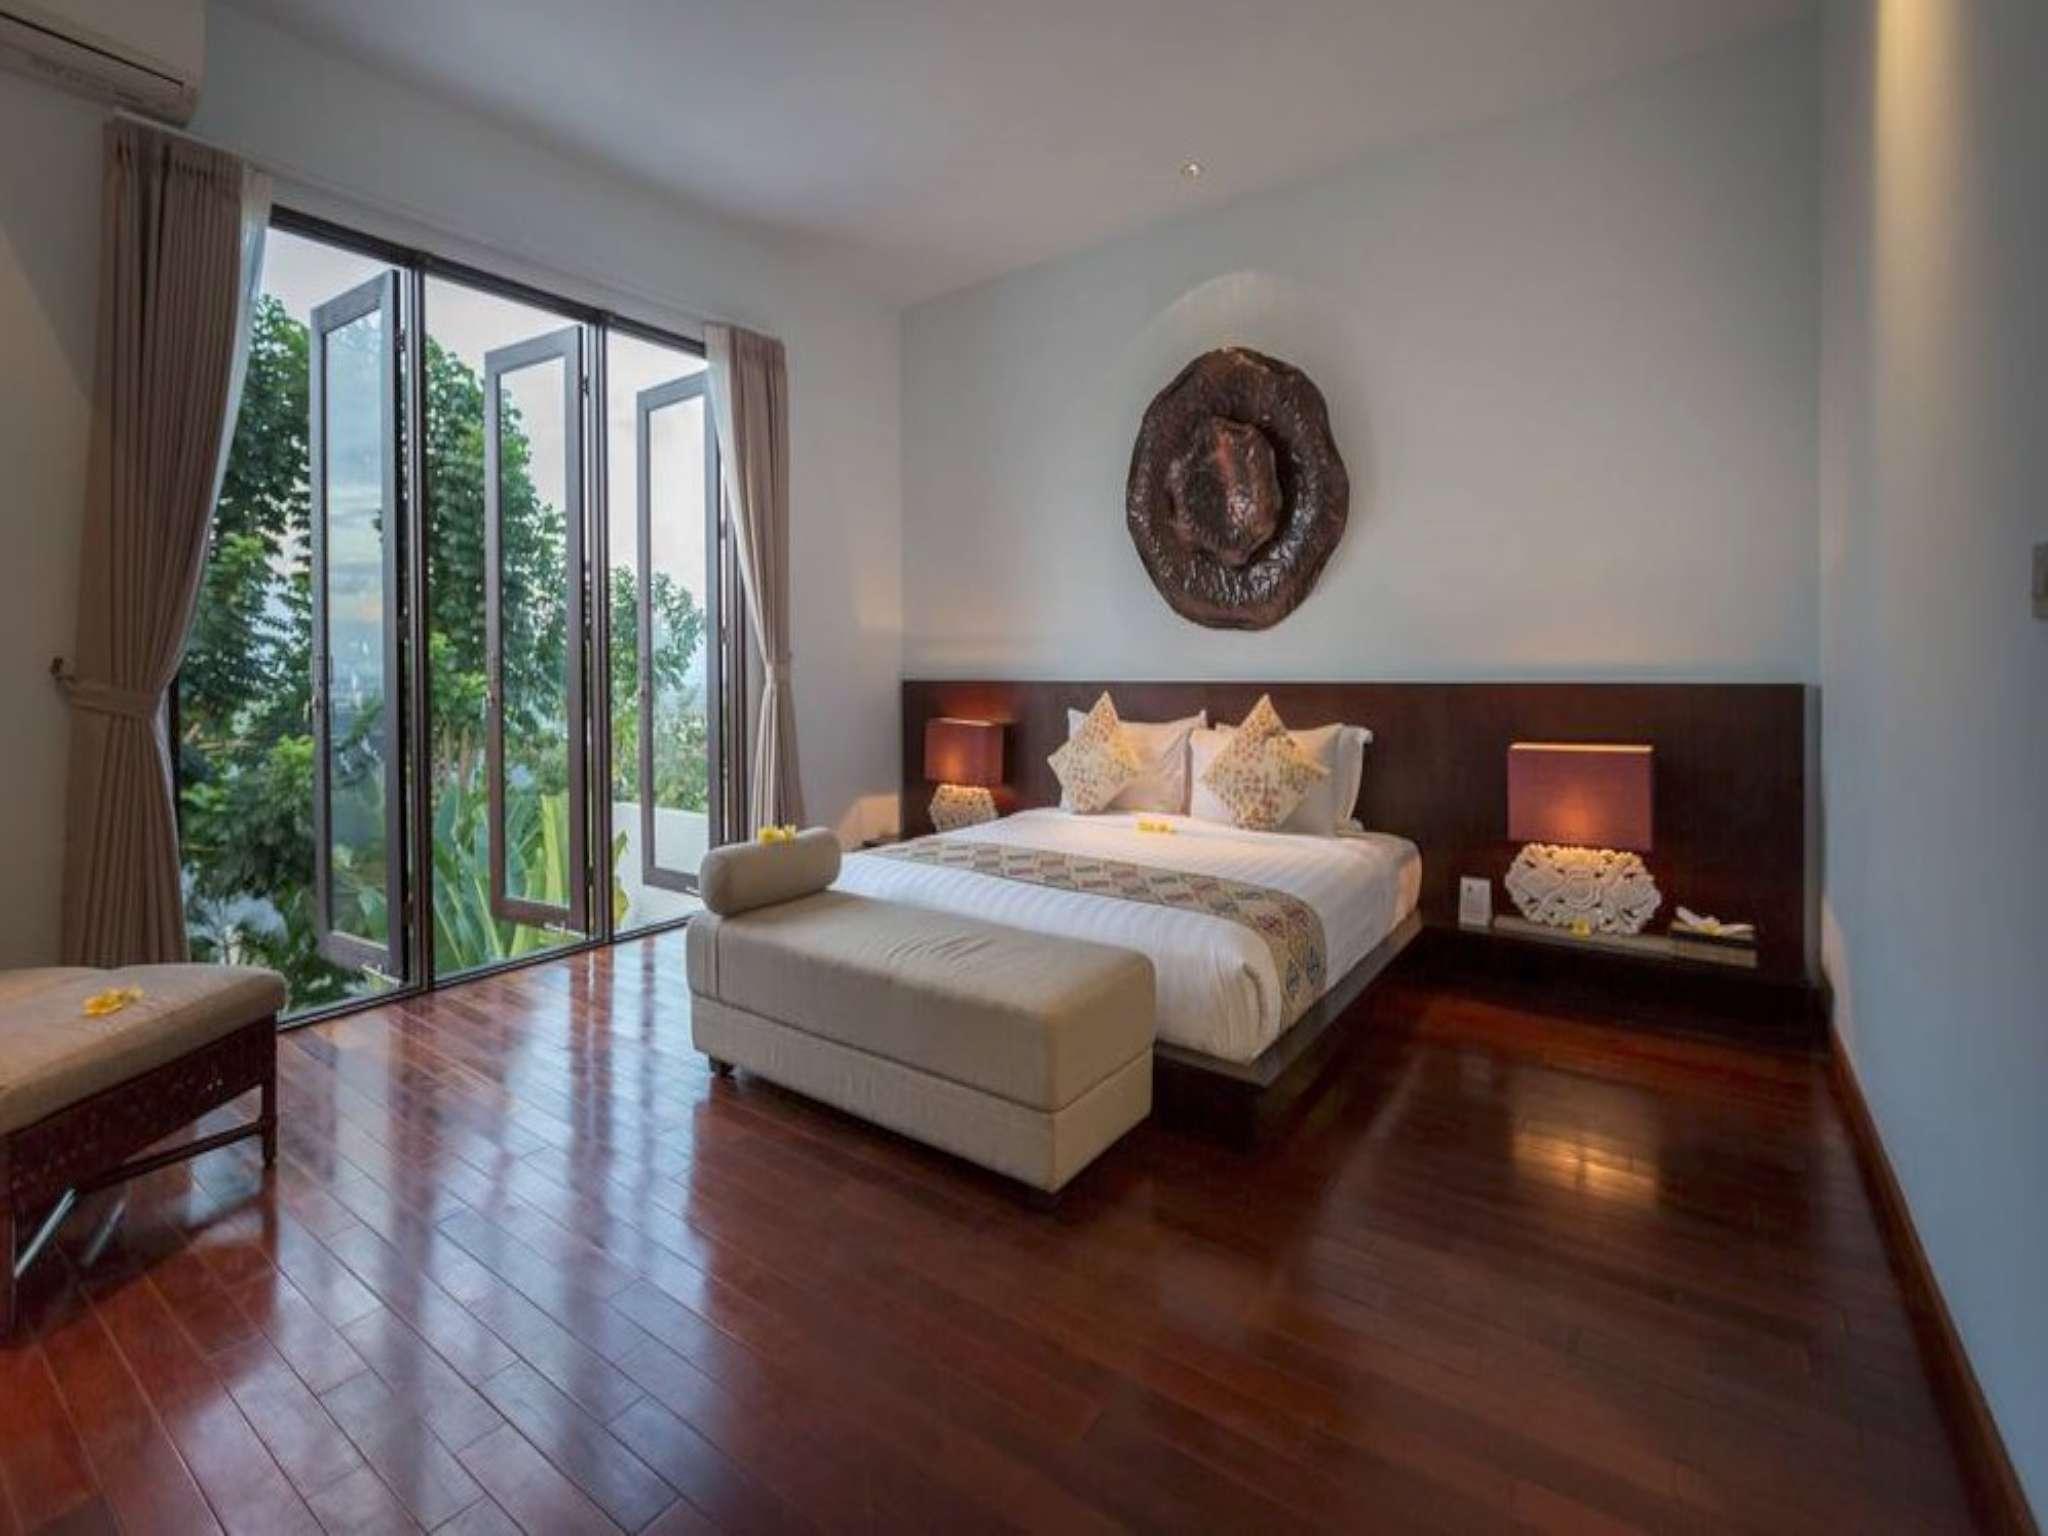 3 Bedroom Lucia Bali Villa Nusa Dua